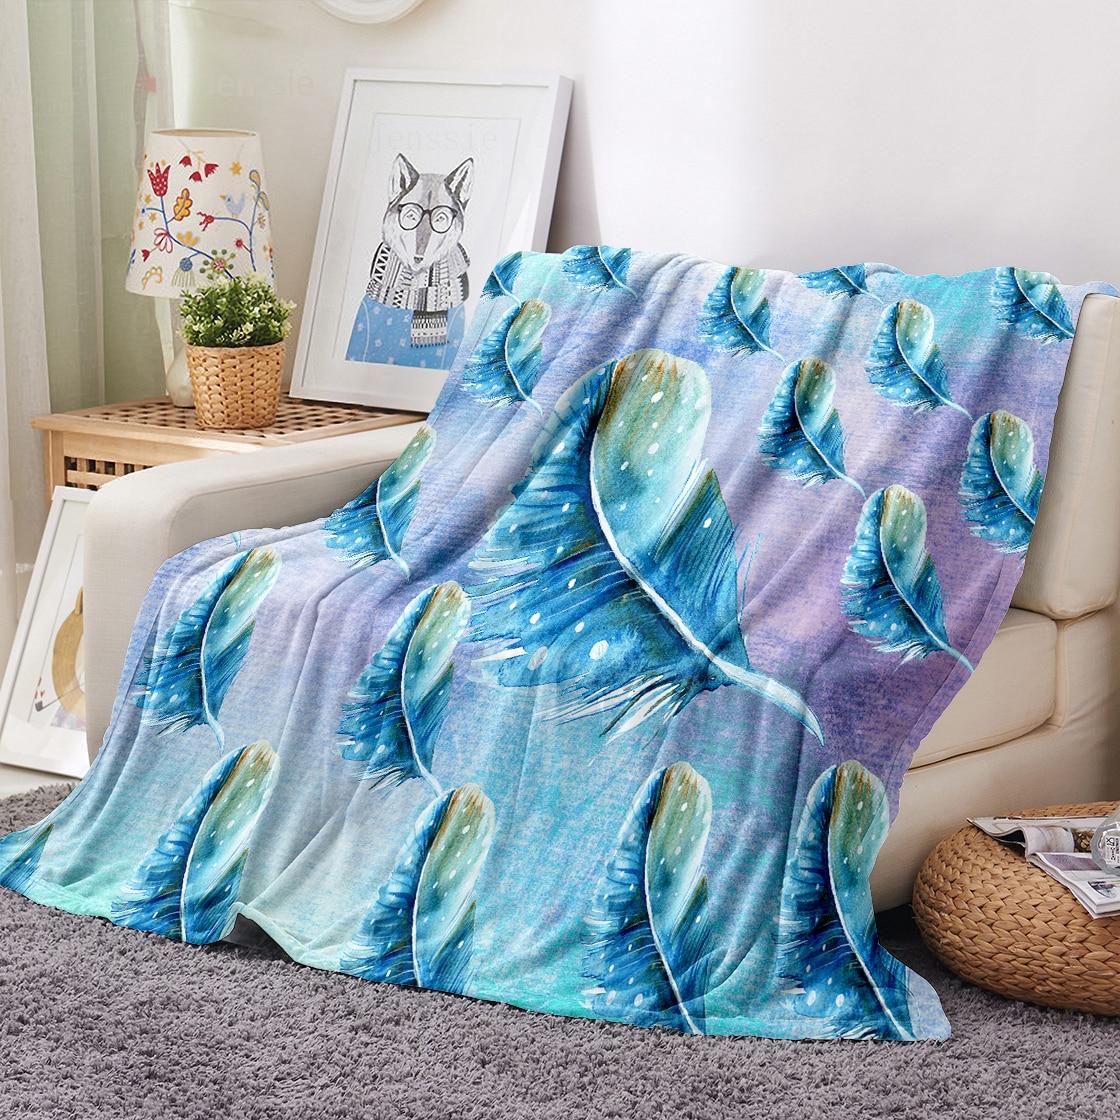 الأزرق ريشة رمي بطانية الوليد الفانيلا بطانية مناسبة ل كرسي السفر التخييم الاطفال الكبار أريكة تتحول لسرير غطاء النوم بطانية